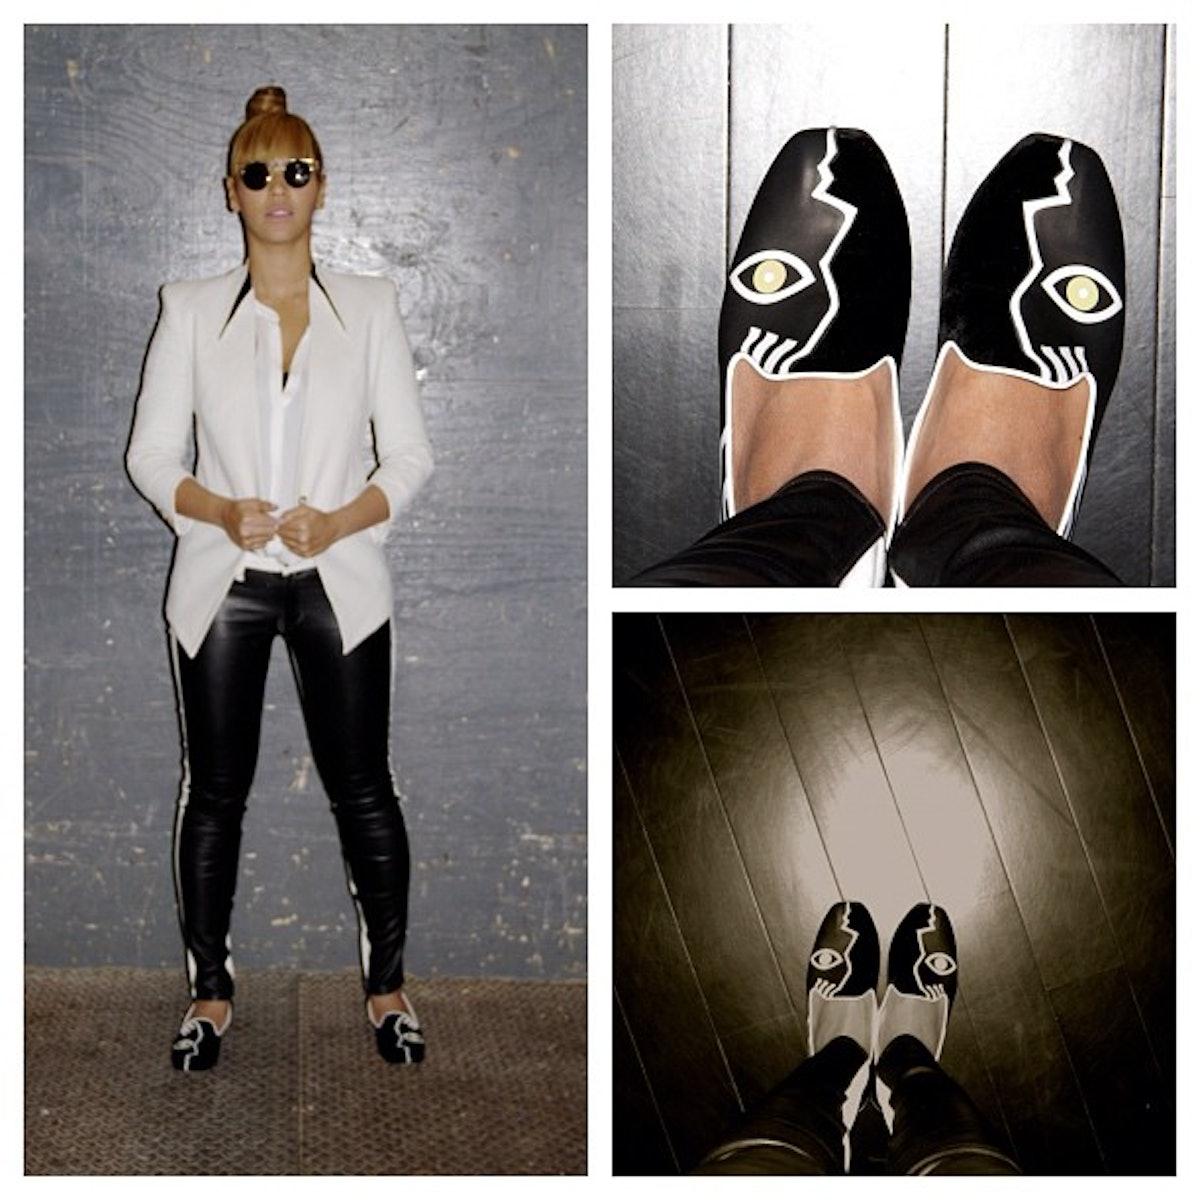 An Instagram by Beyoncé